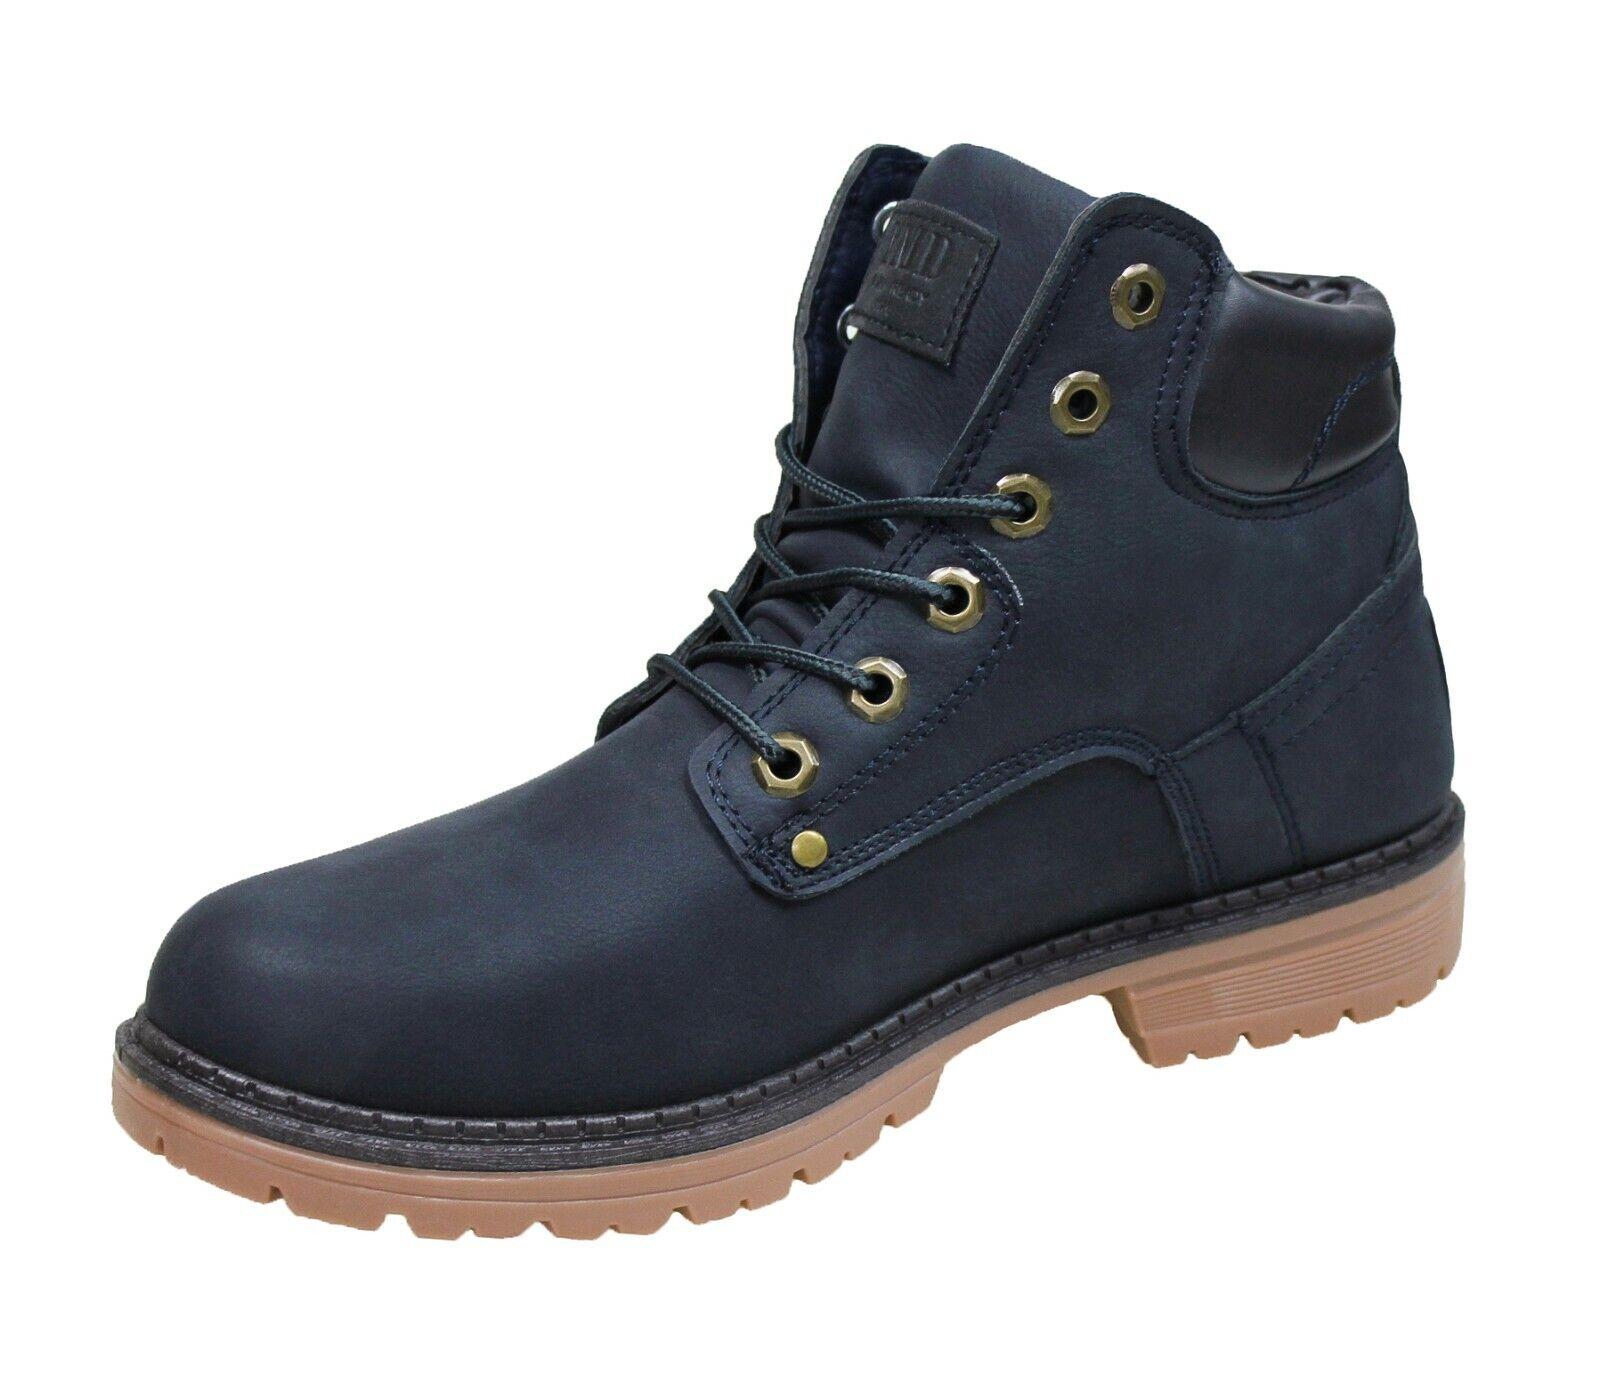 Stiefel Herren Diamond Schuhe Blau Turnschuhe Winter mit Pelz Intern